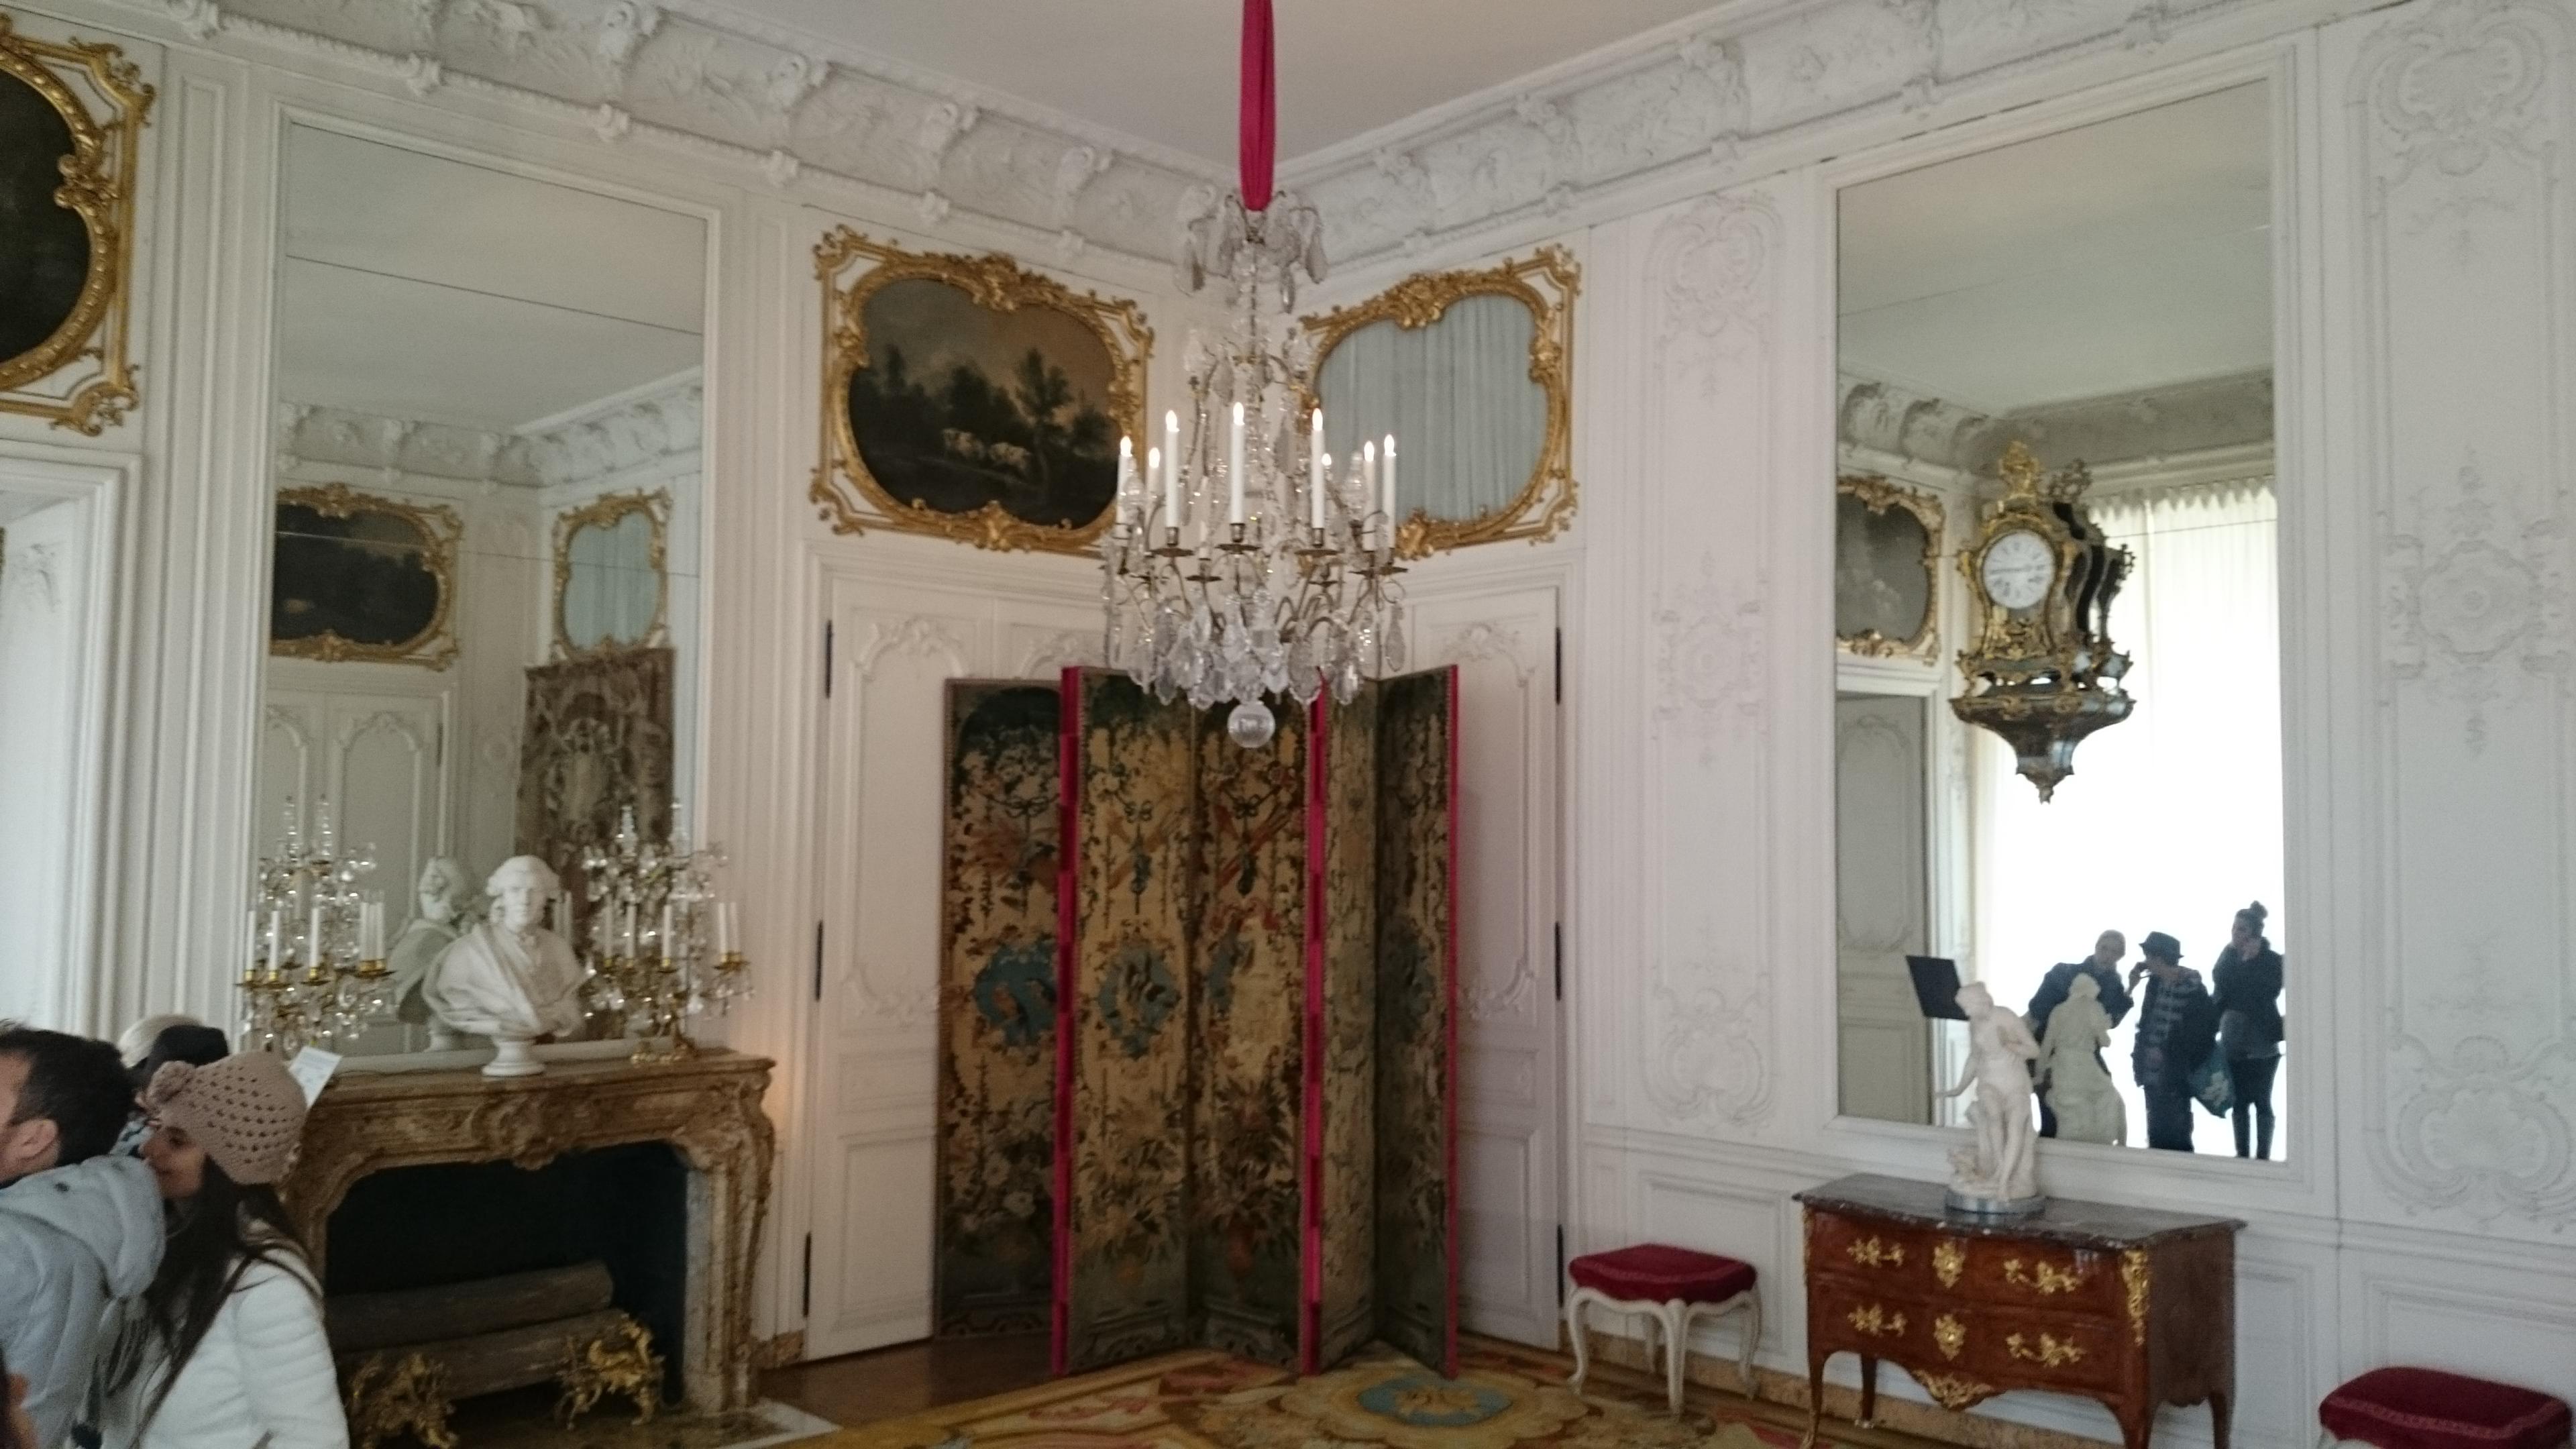 dsc 14141 - Visita al Palacio de Versalles: Como ir, cuanto cuesta y tips III/III